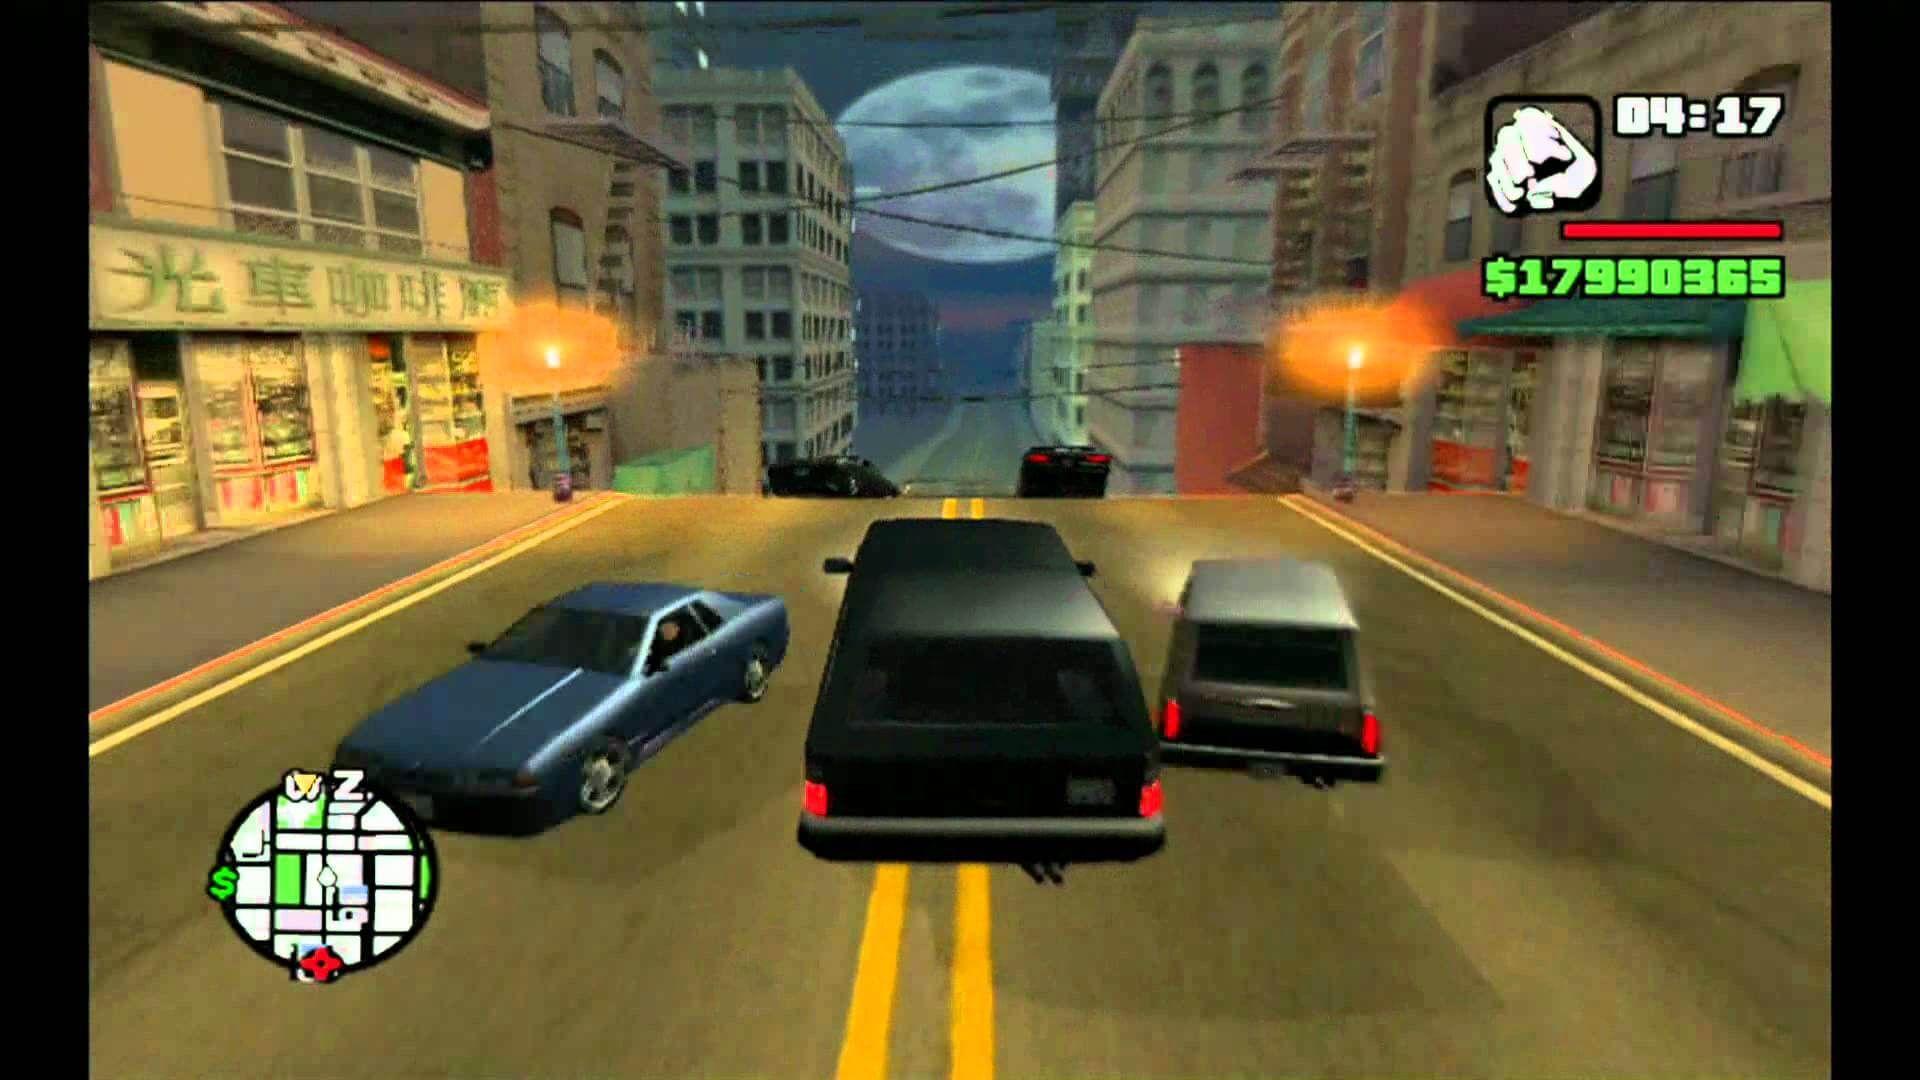 Gta San Andreas Xbox 360 Es Un Gran Juego De Acción De Rockstar Games Nos Cautivó Una Vez Más Con El Lanzamiento De Este Jueg Grand Theft Auto Gta San Andreas